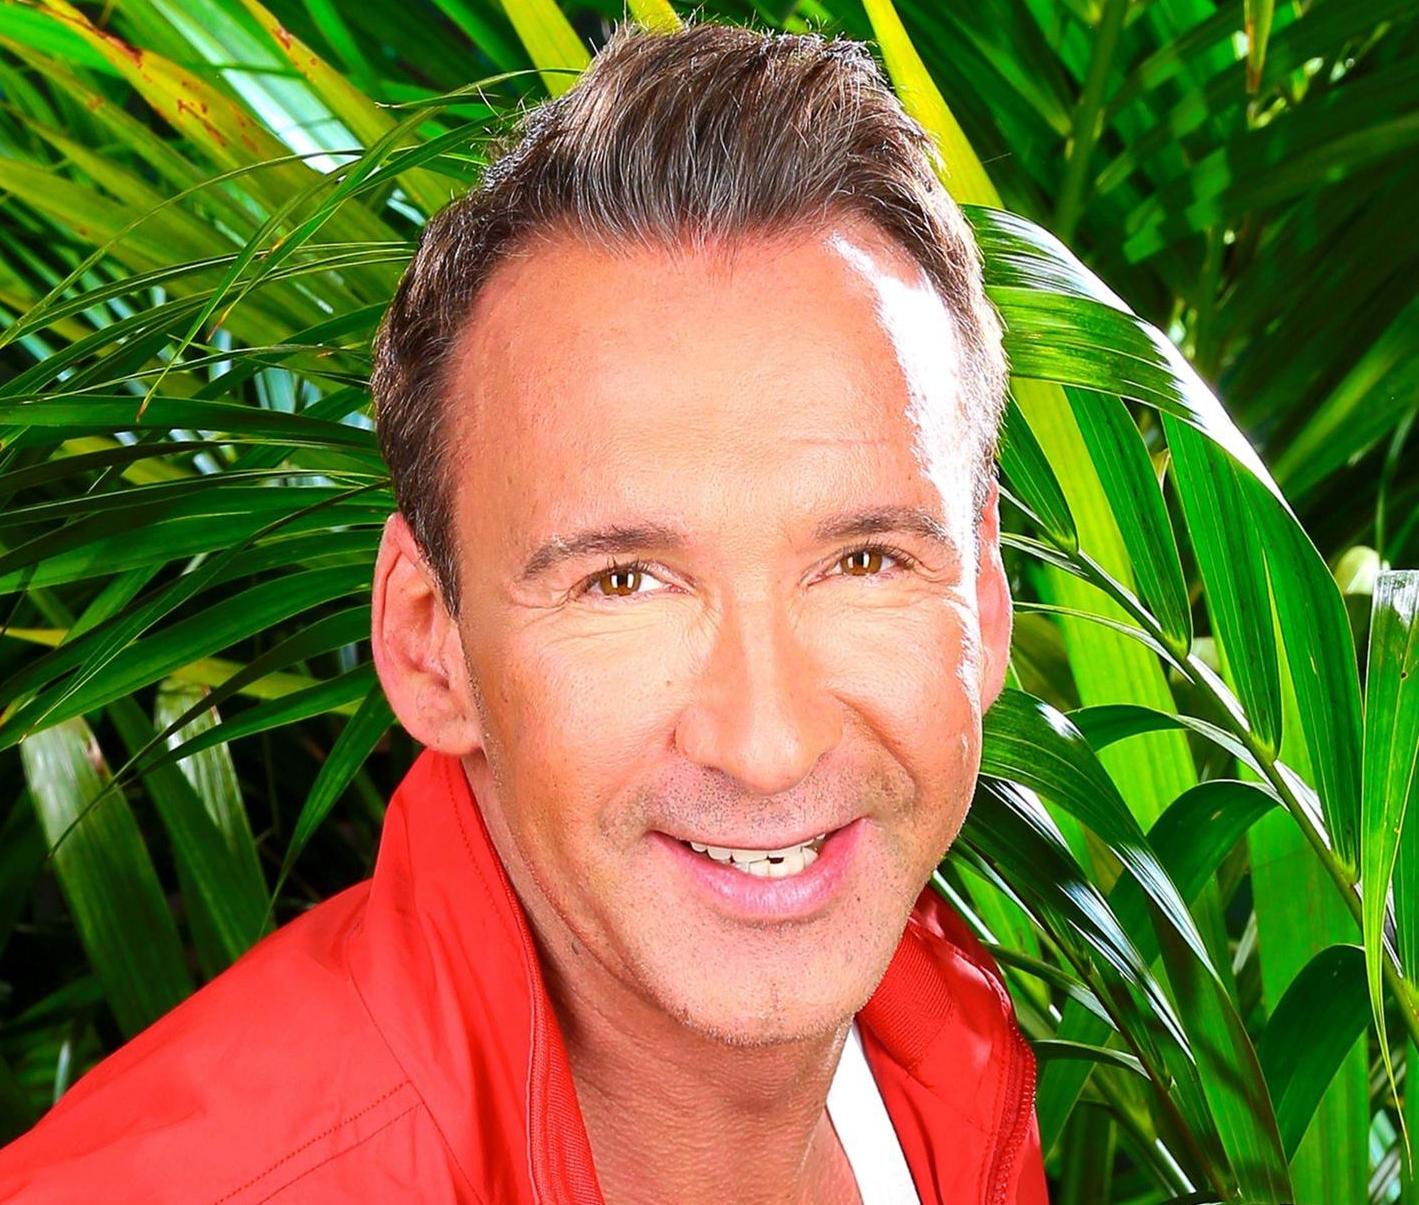 Jochen Bendel Dschungelcamp 2014 Kandidat